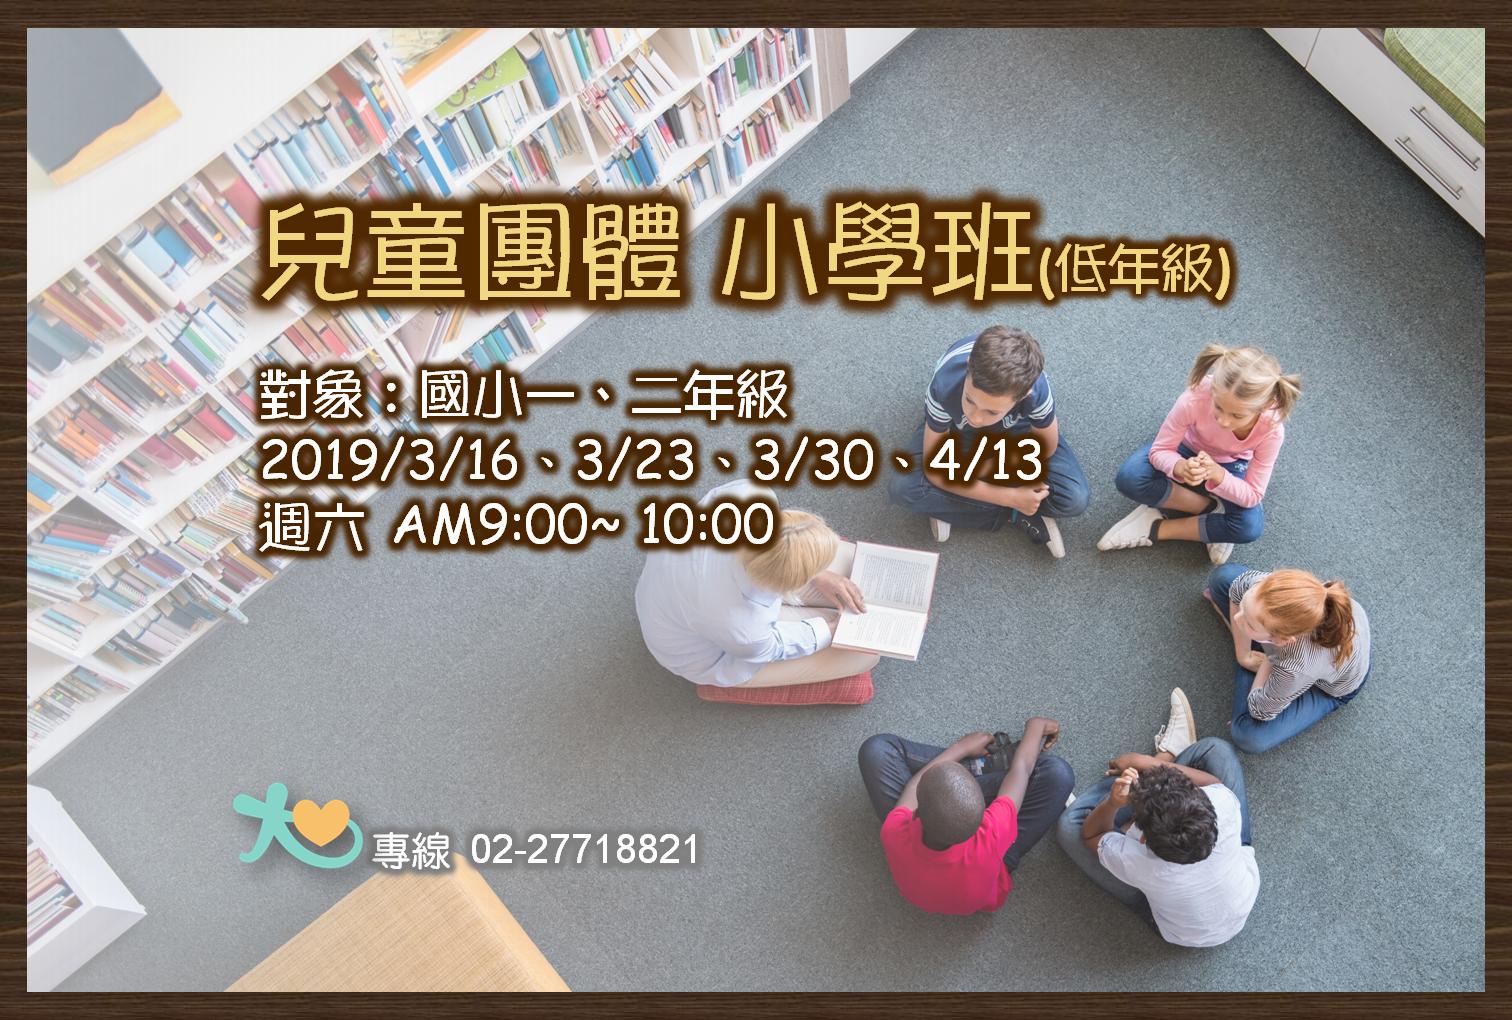 兒童團體小學班-低年級